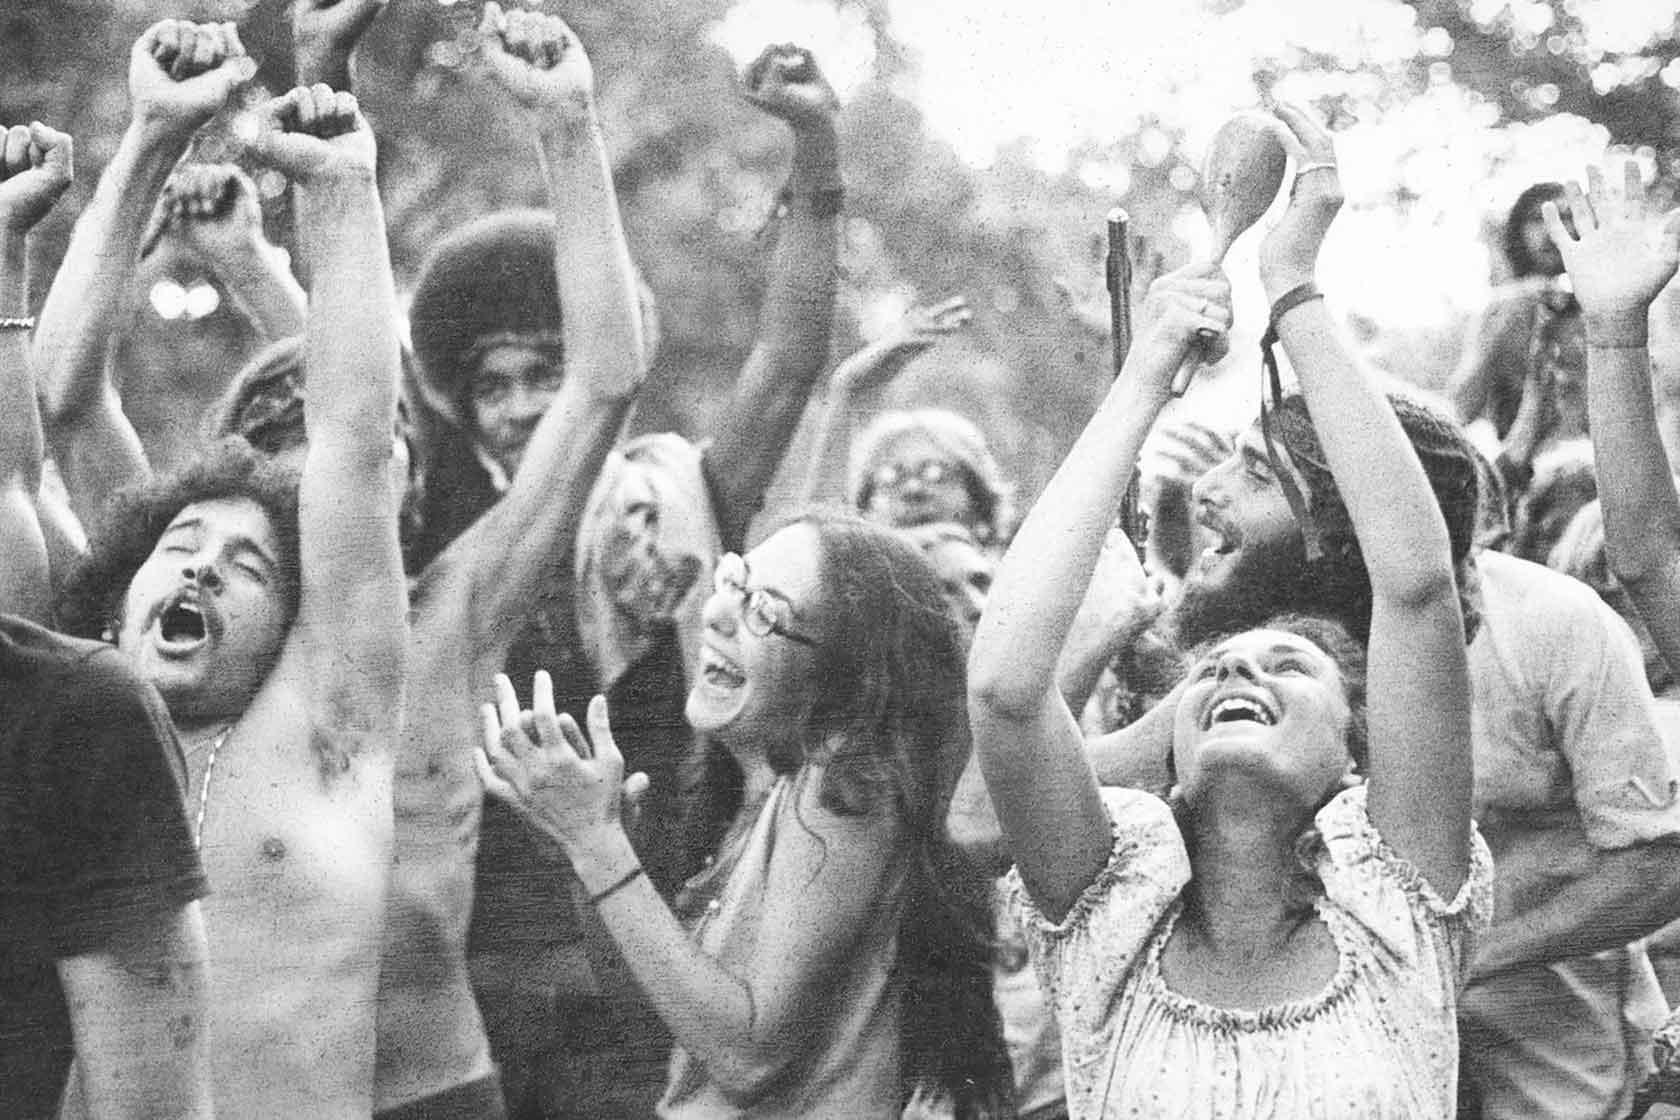 Kultovní Woodstock by oslavil padesátiny